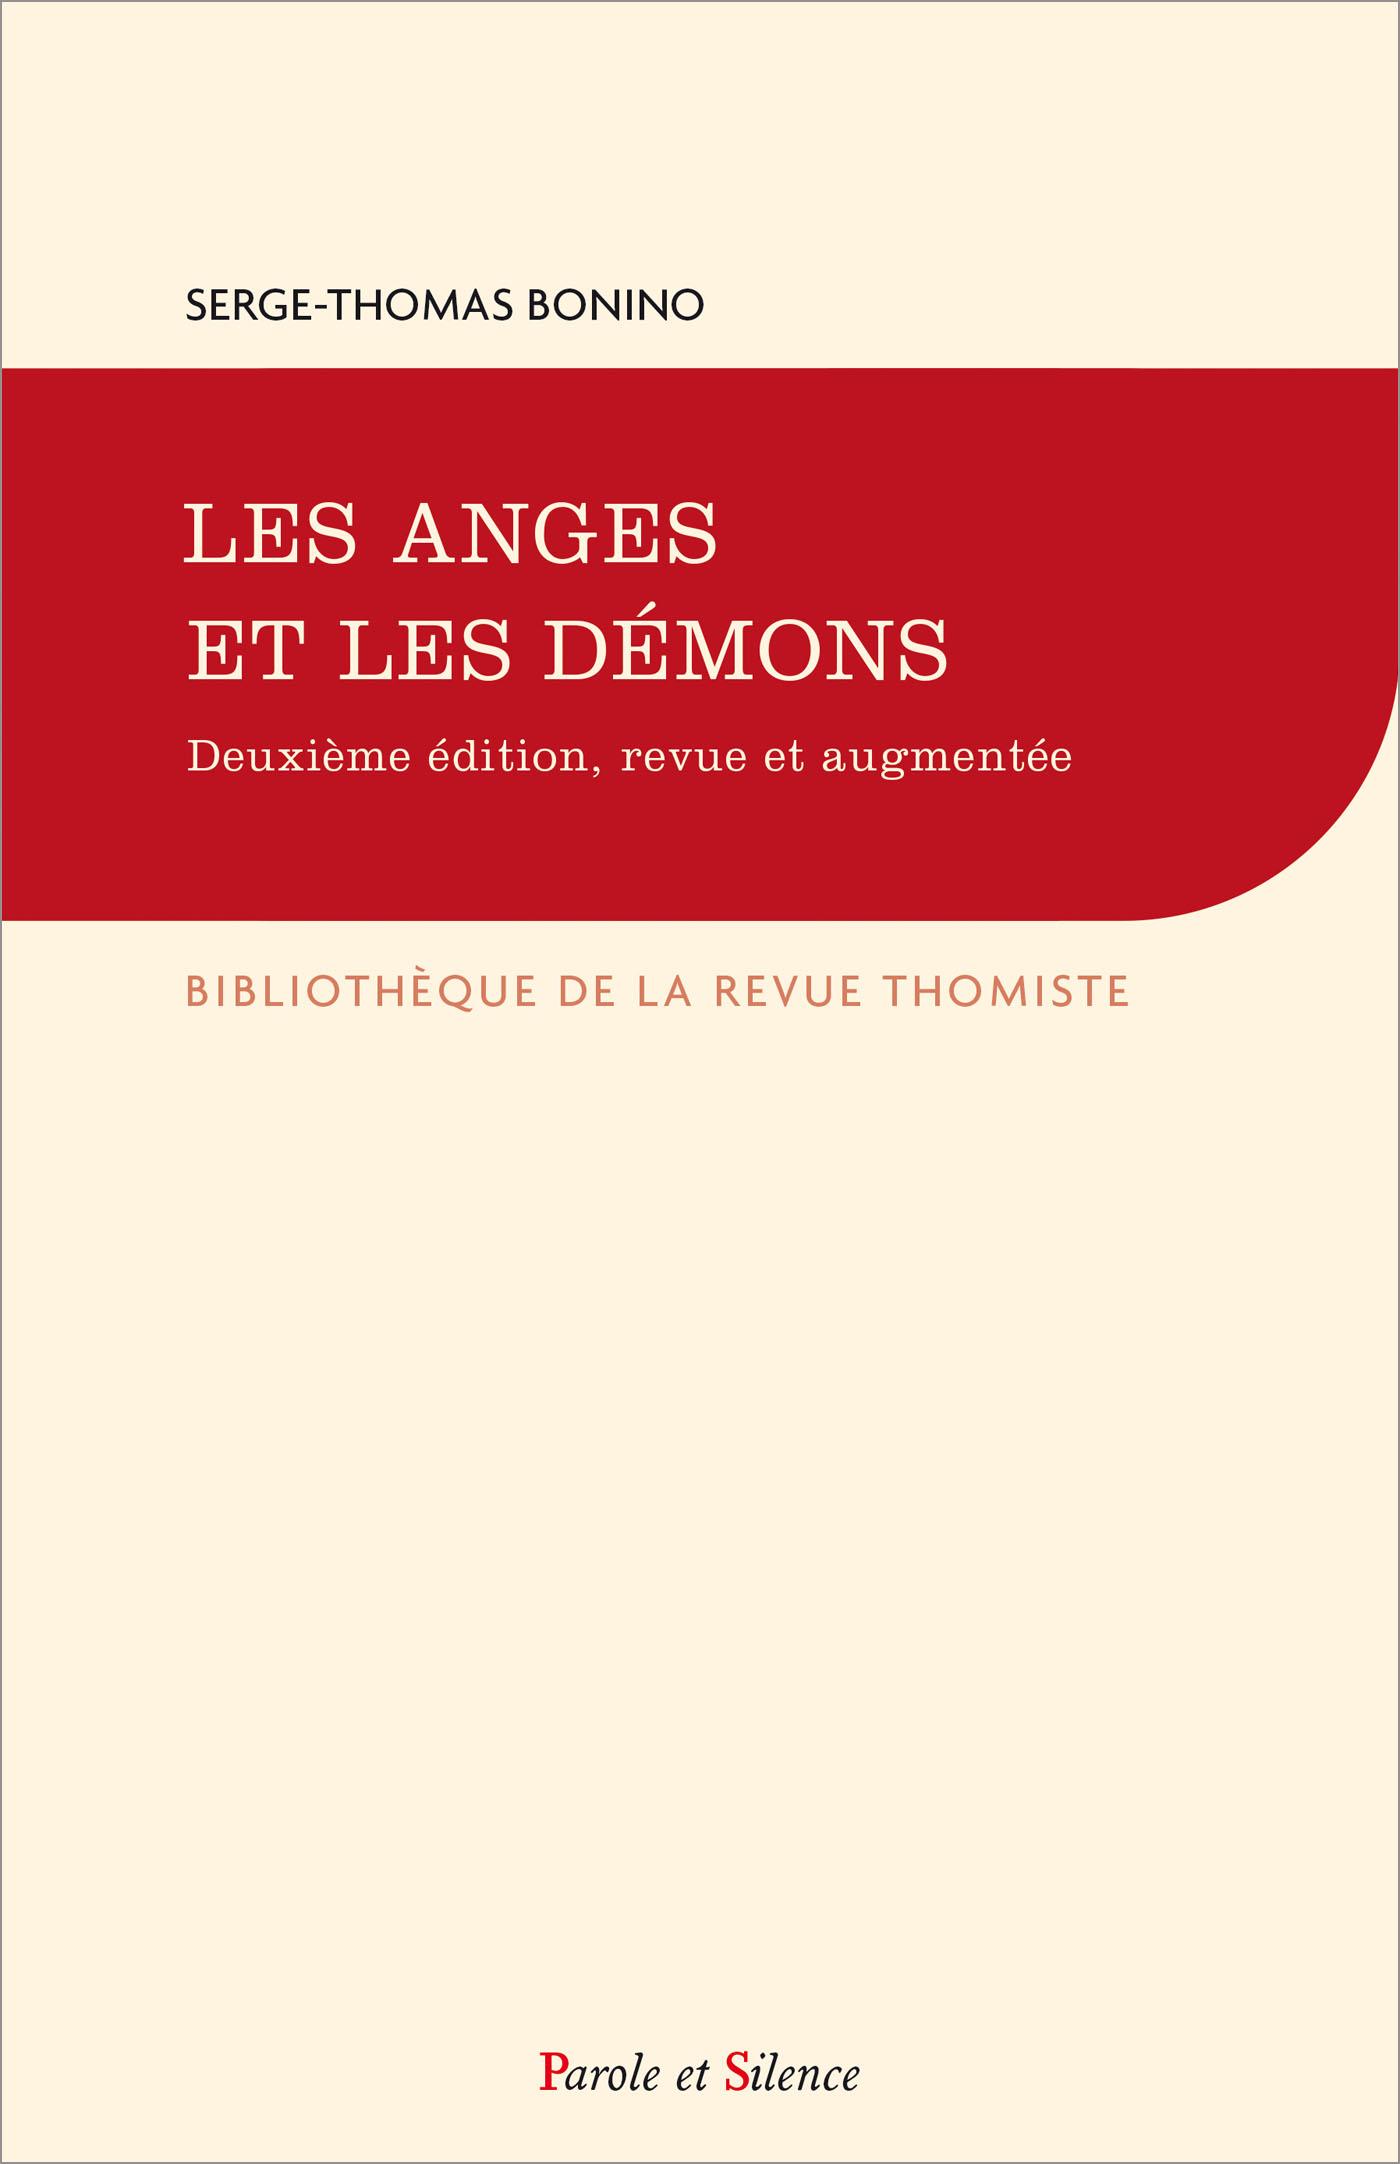 Les anges et les démons - Nouvelle édition